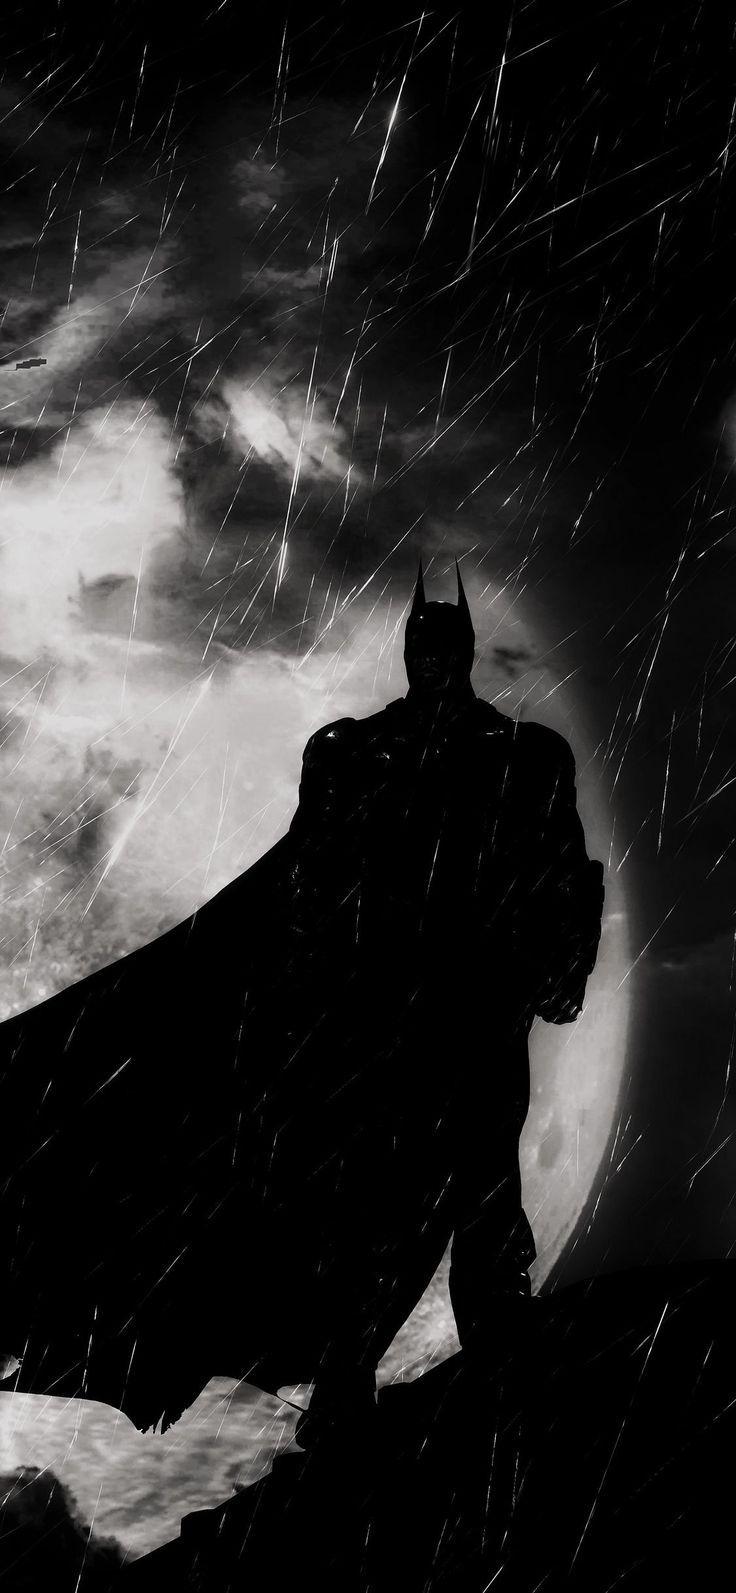 Batman Wallpaper 4k Iphone Mit Bildern Batman 3d Hintergrund